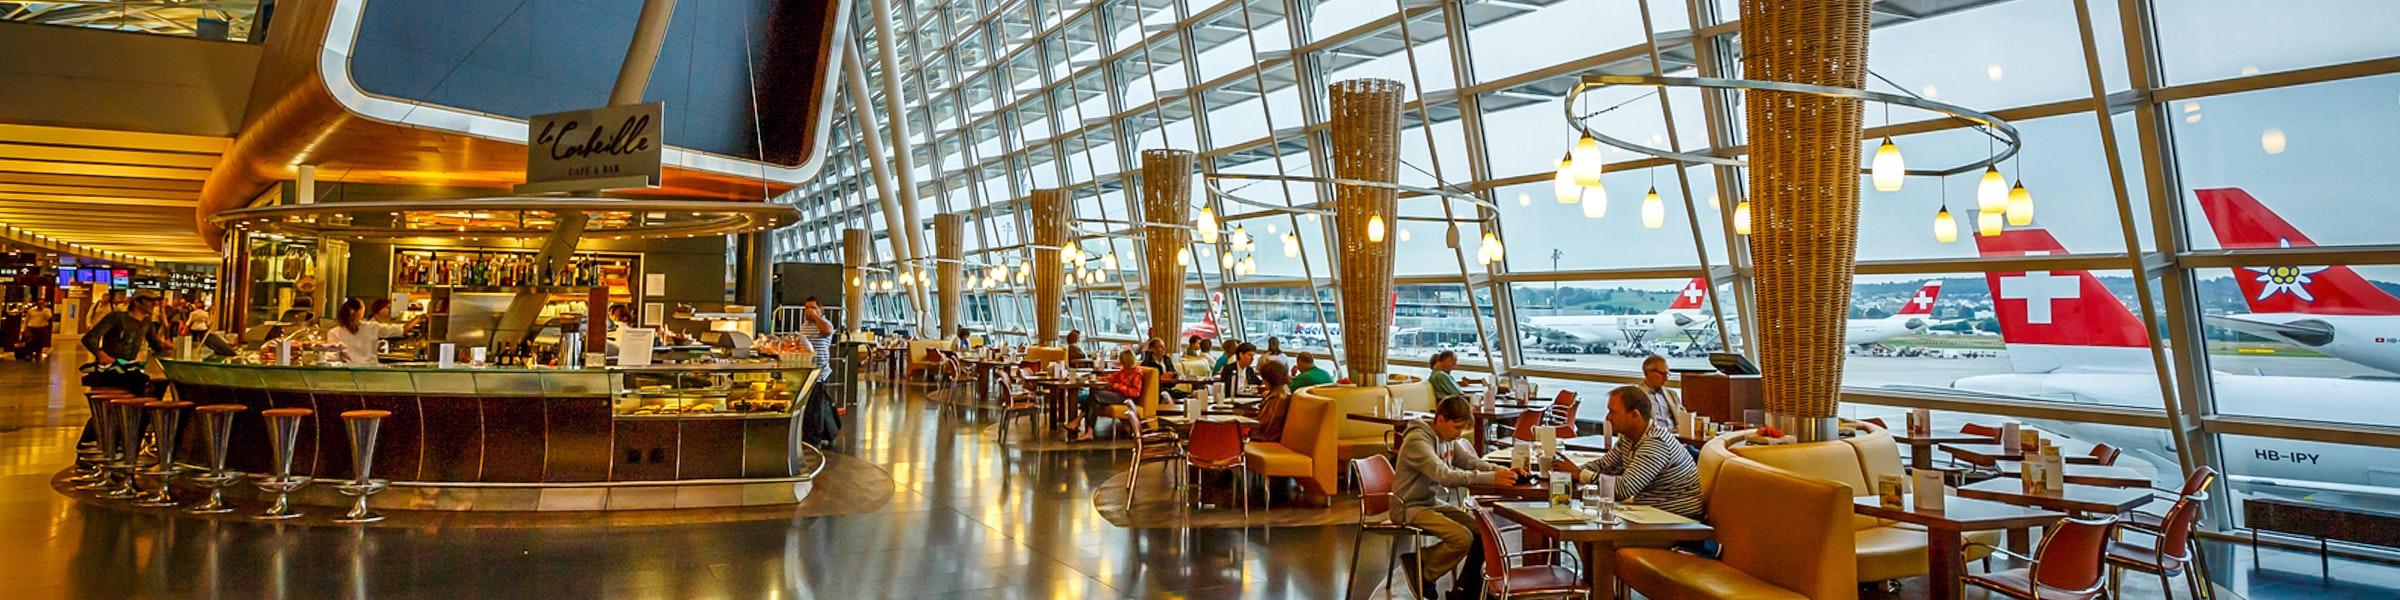 Zurich airport terminal